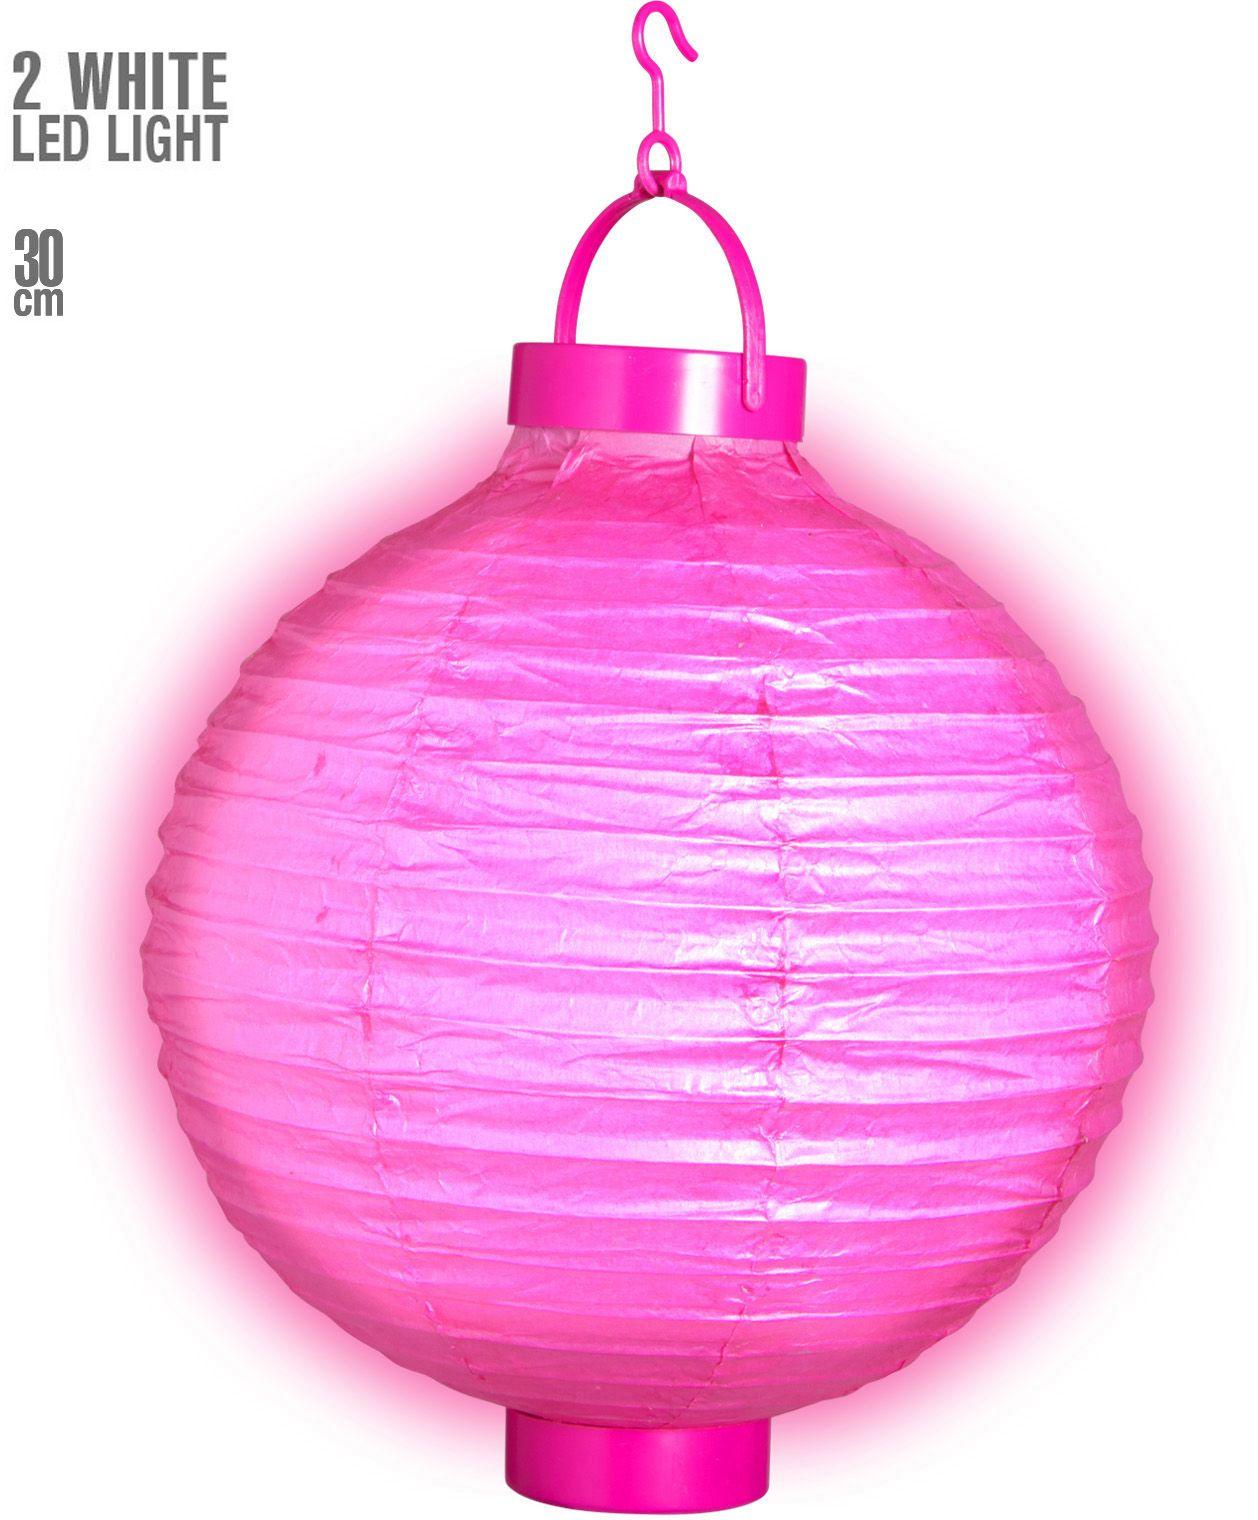 Roze lantaarn met 2 witte LED lichten